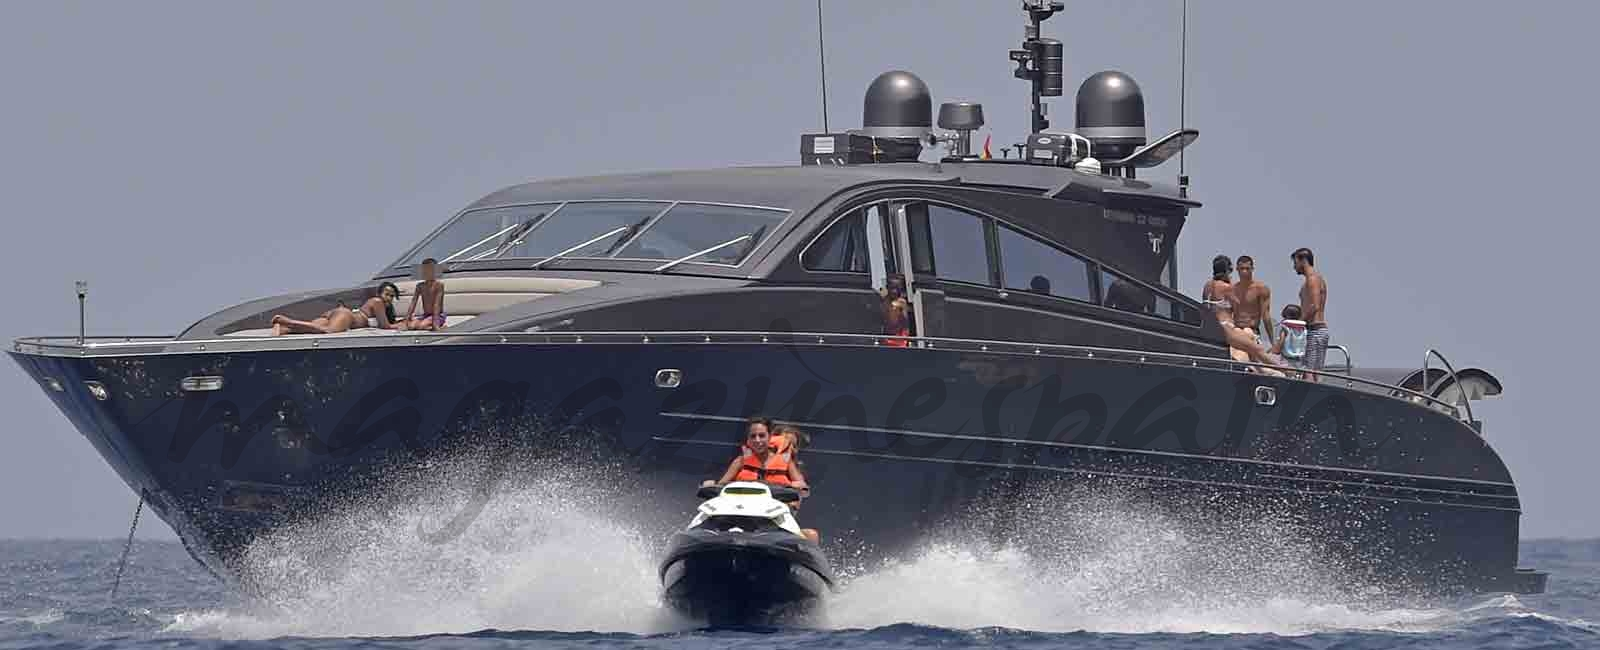 Cristiano Ronaldo y Georgina Rodríguez vacaciones en Formentera con su familia